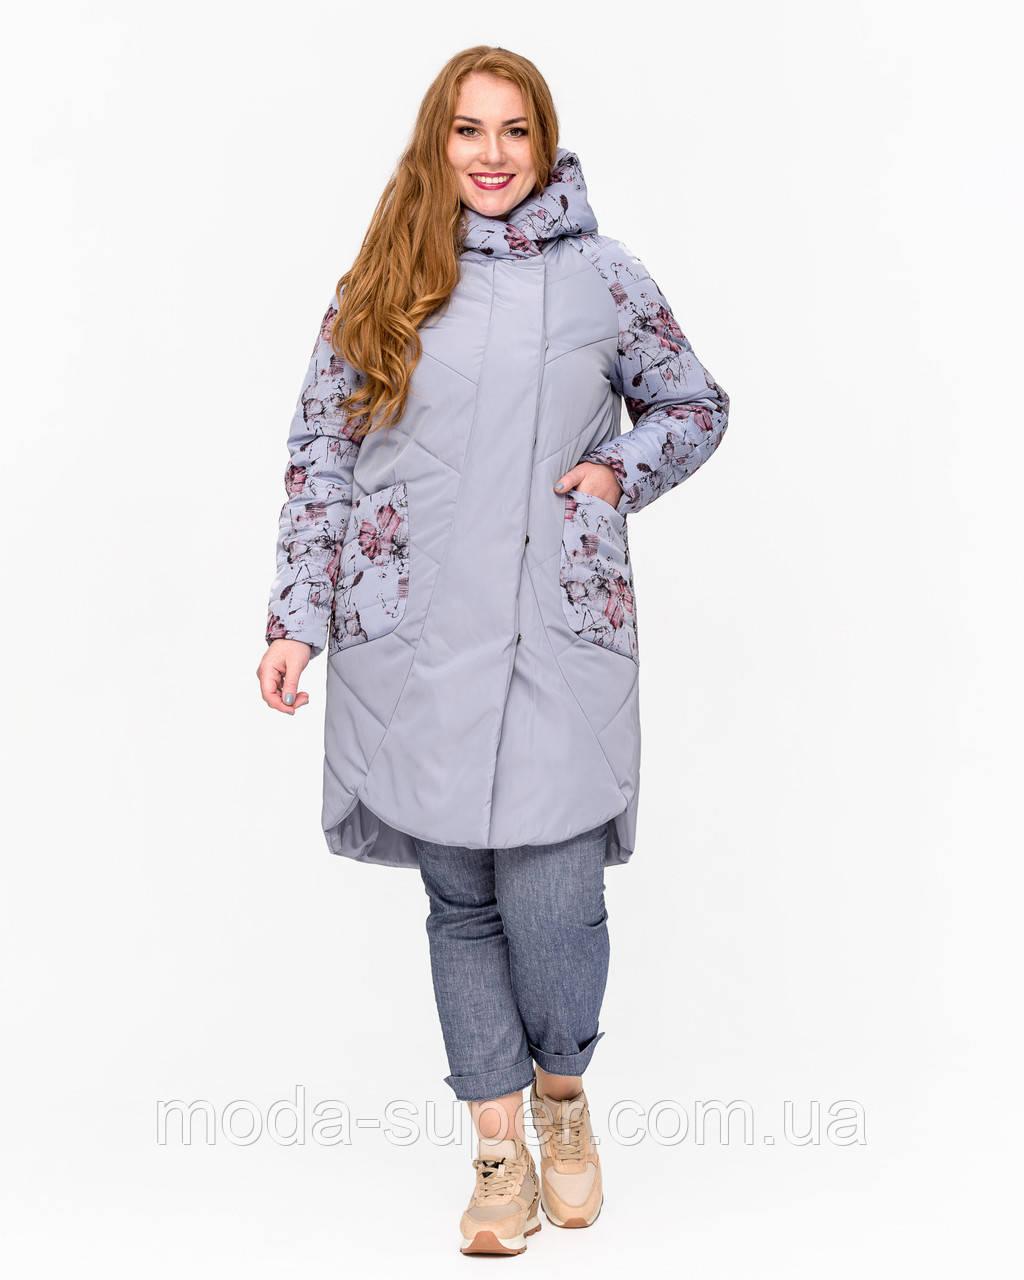 Женская куртка с принтом  рр 46-58